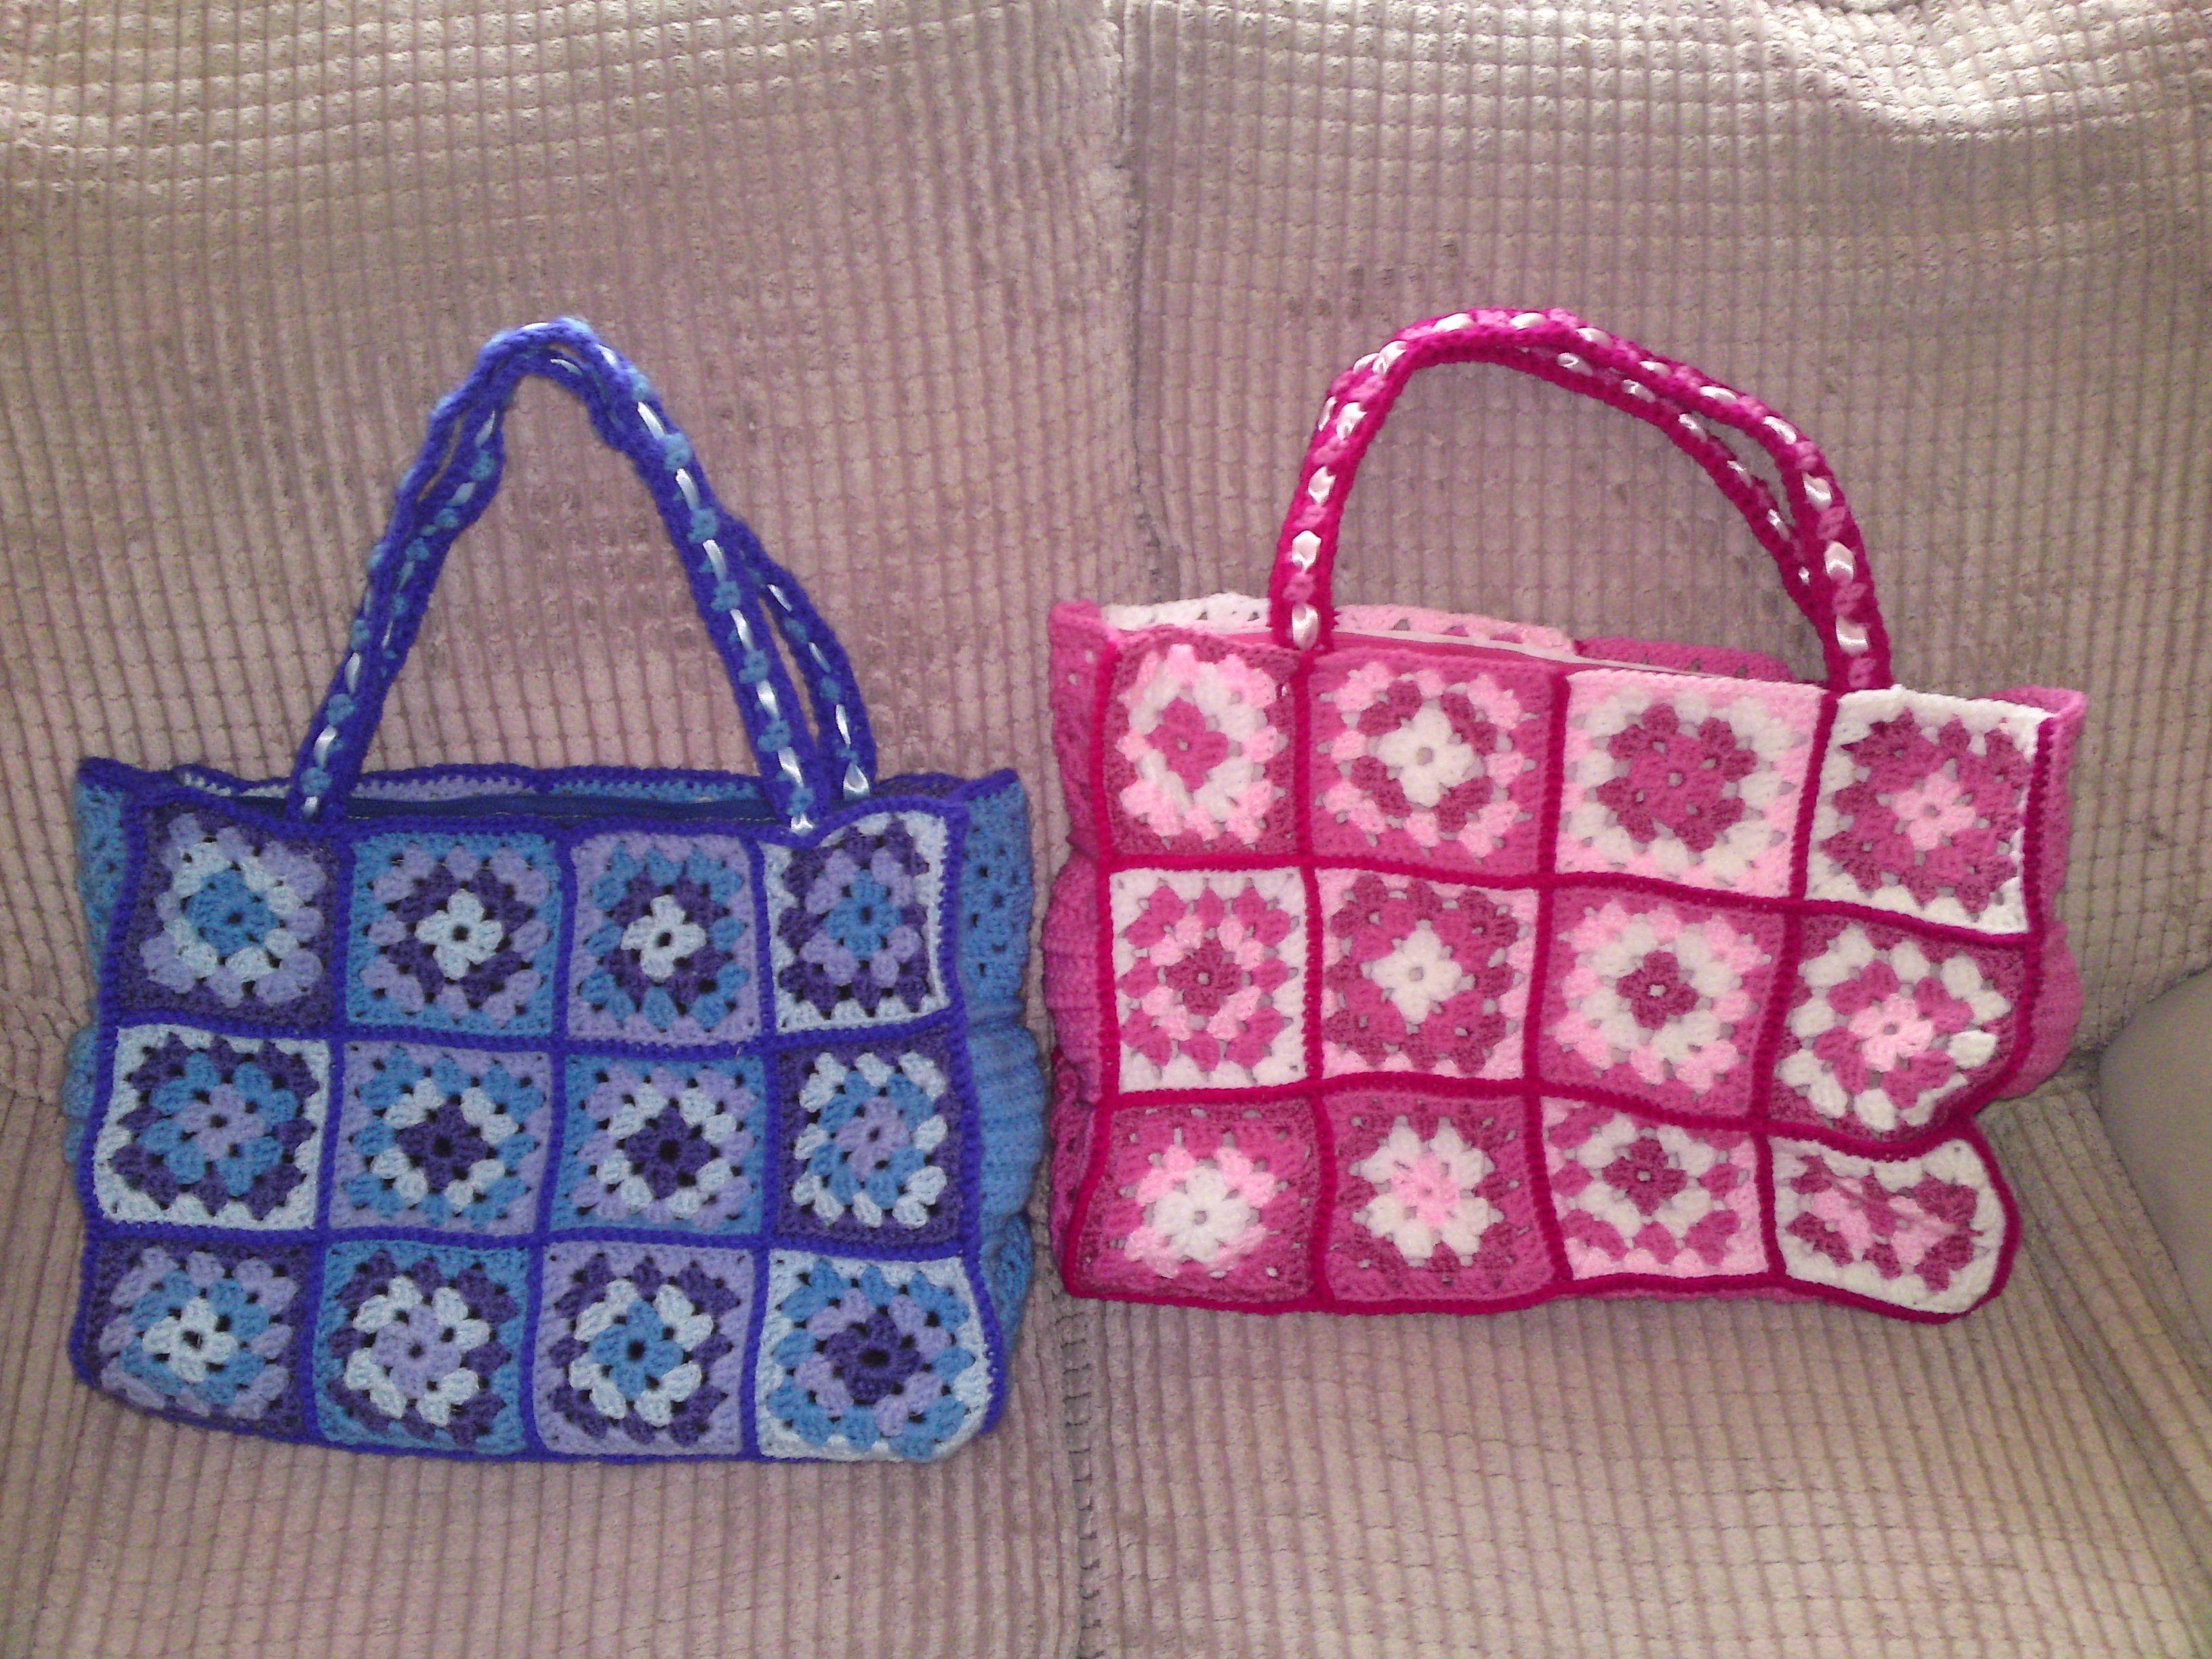 Granny square bags